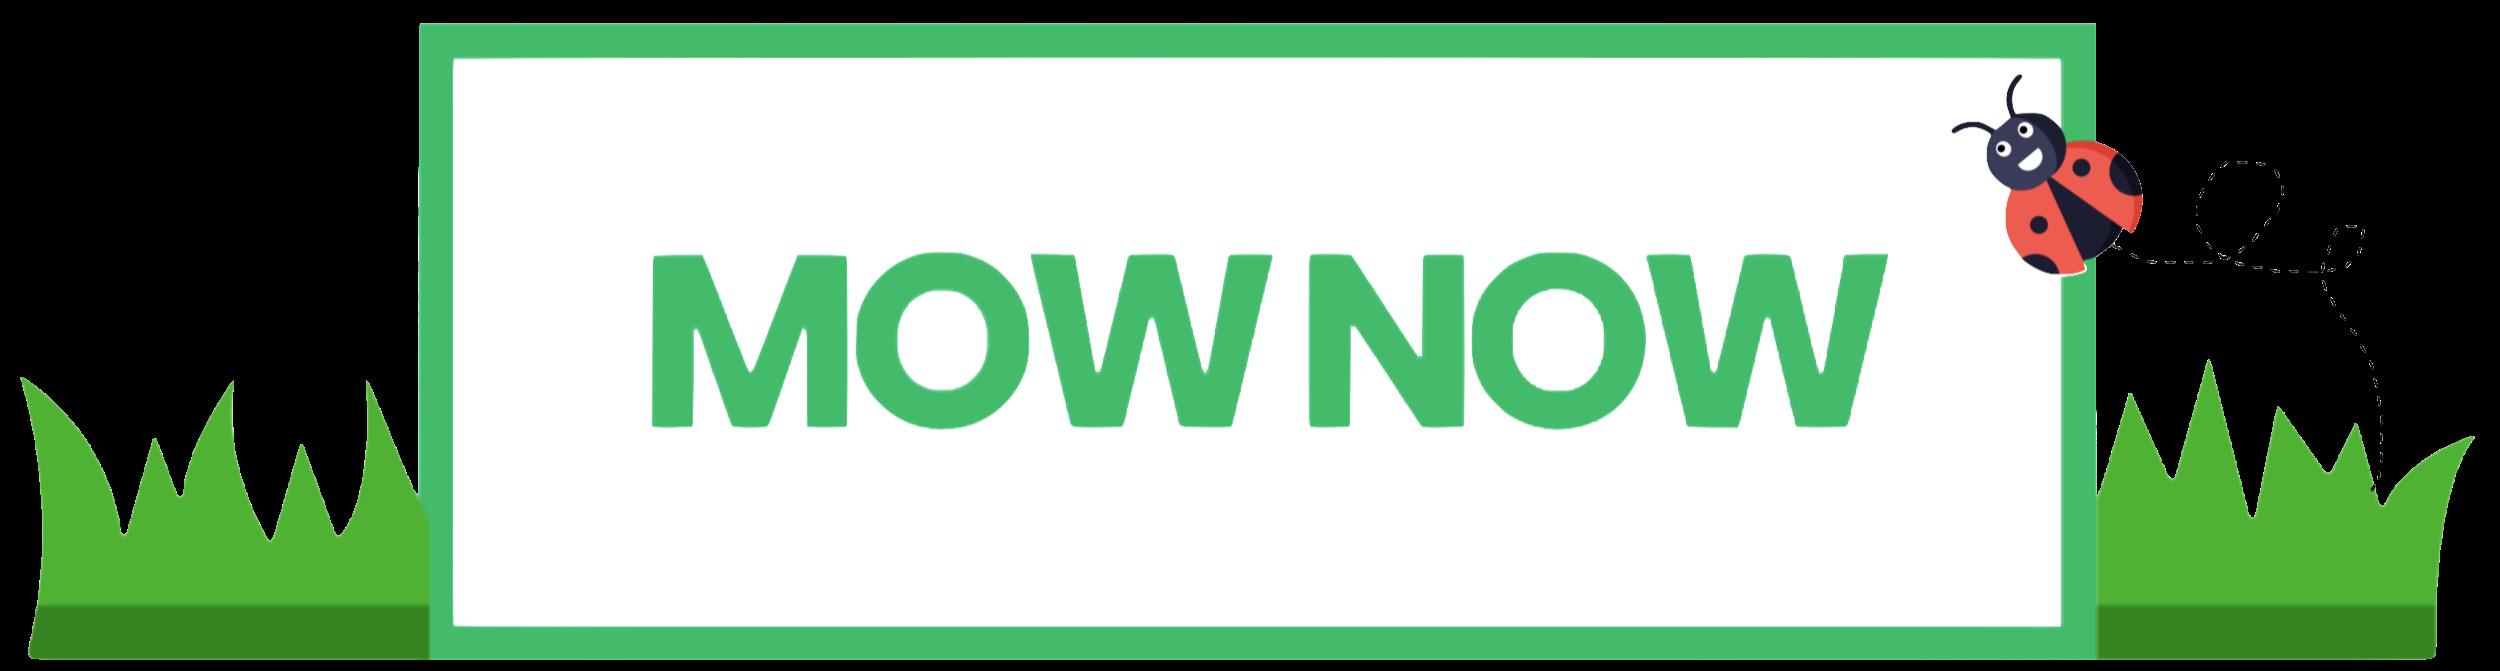 MOW NOW